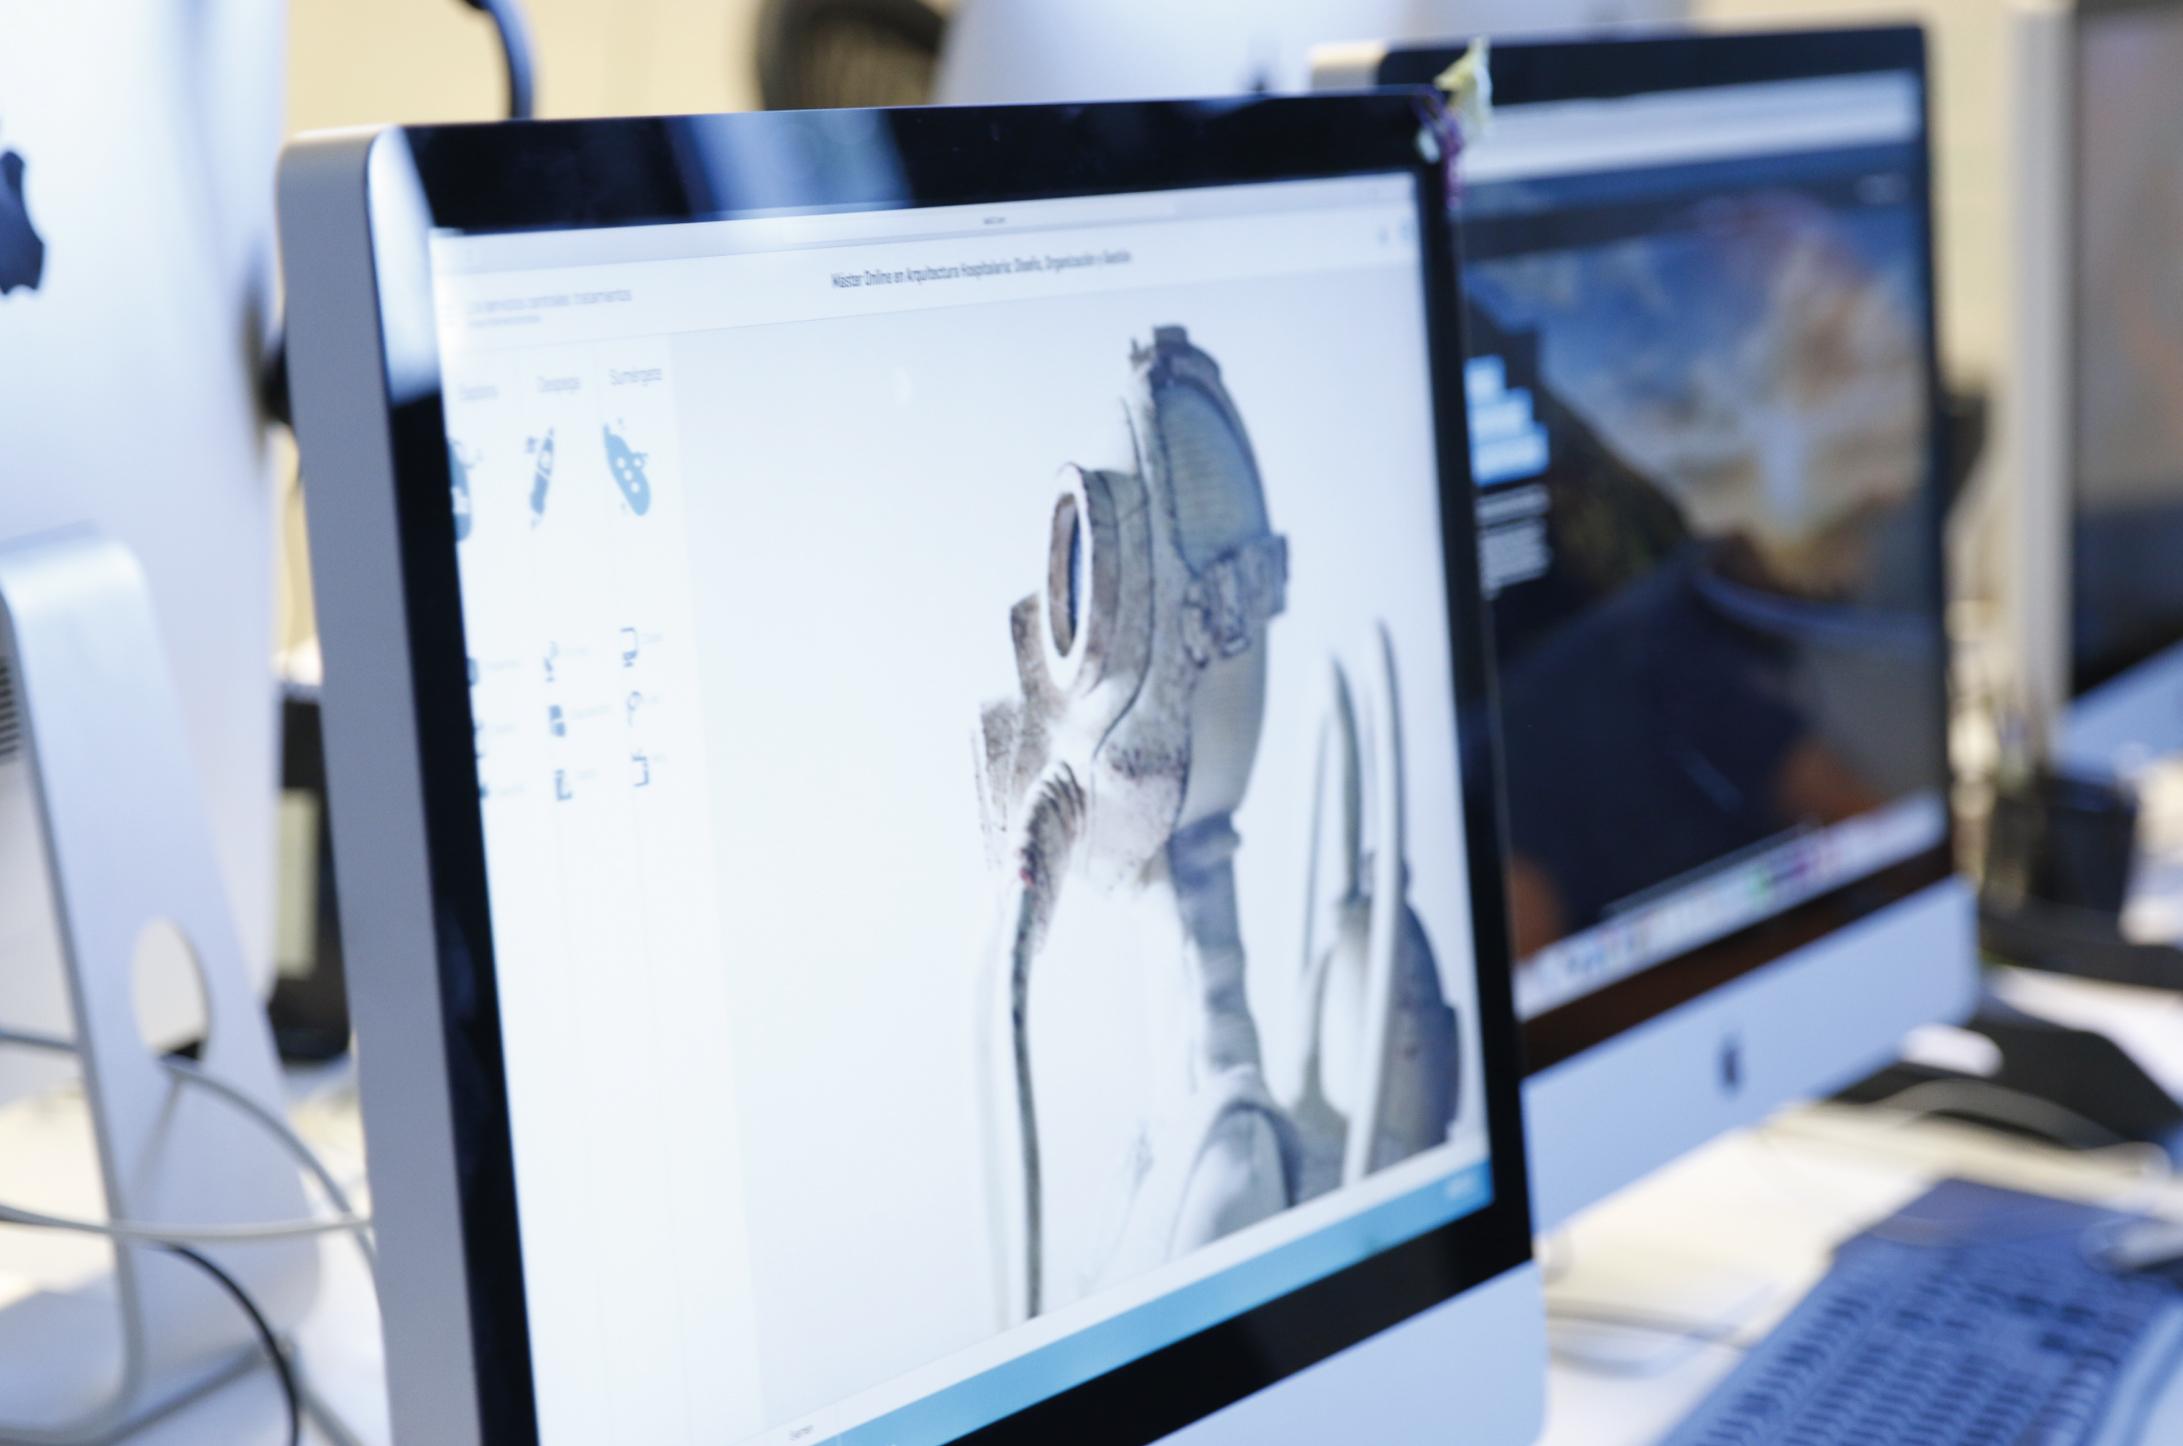 En esta imagen podemos ver al Doctor Pedro Guitián, profesor del Master en implantología, realizando una intervención quirúrgica en la clínica dental.